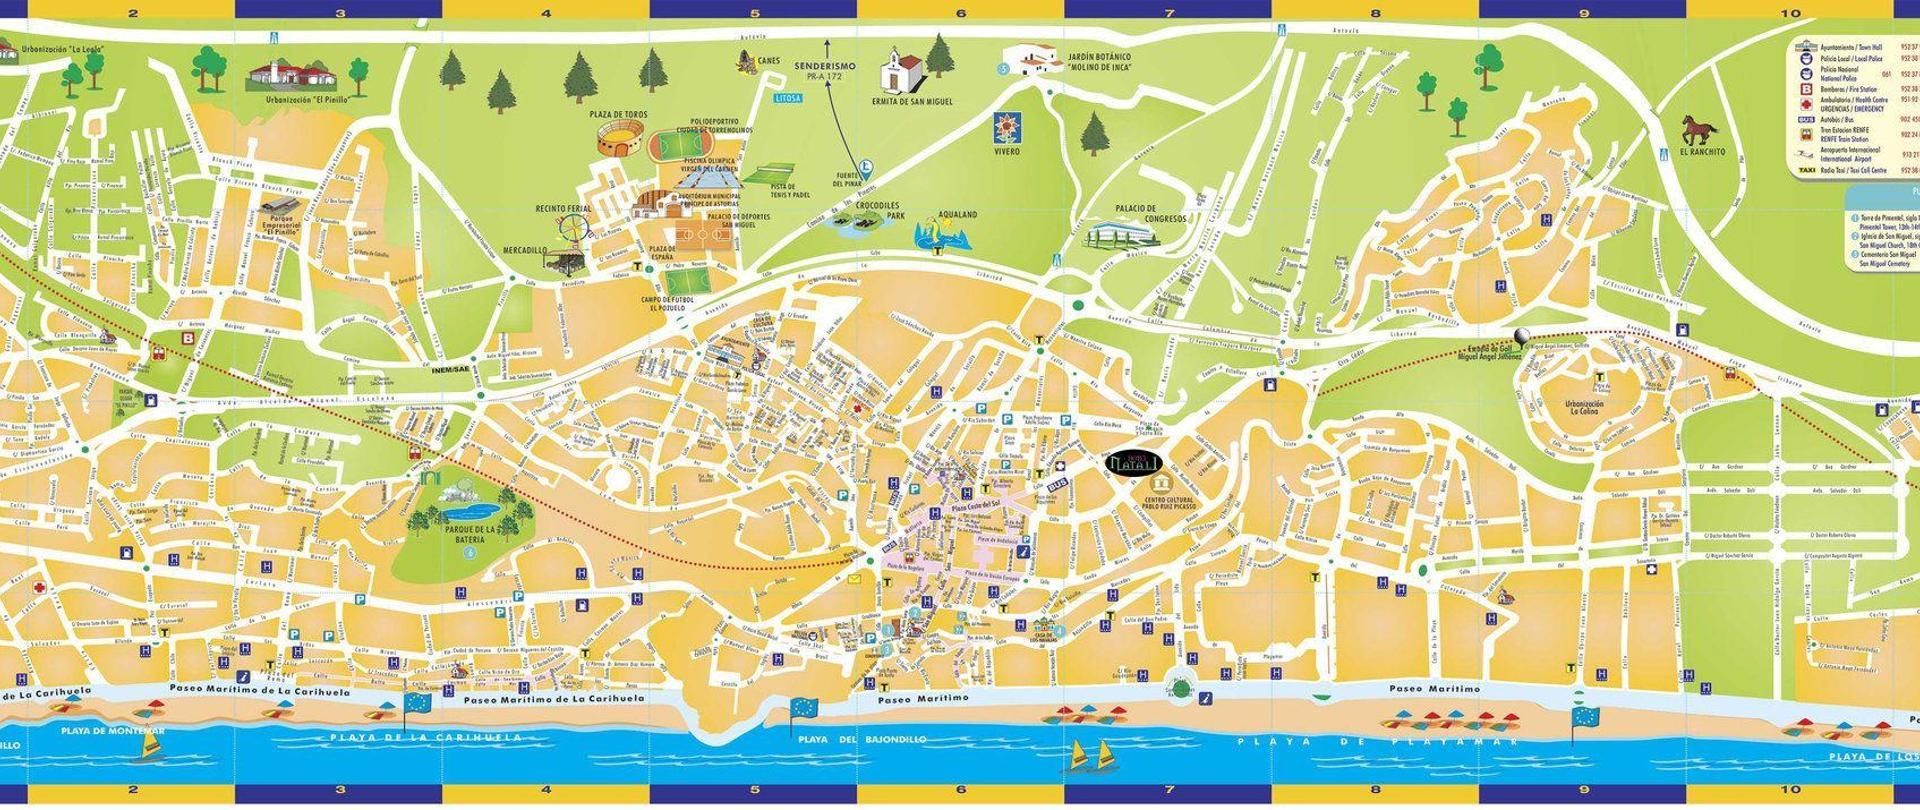 torremolinos karta Hotel Natali   Torremolinos   Spain torremolinos karta